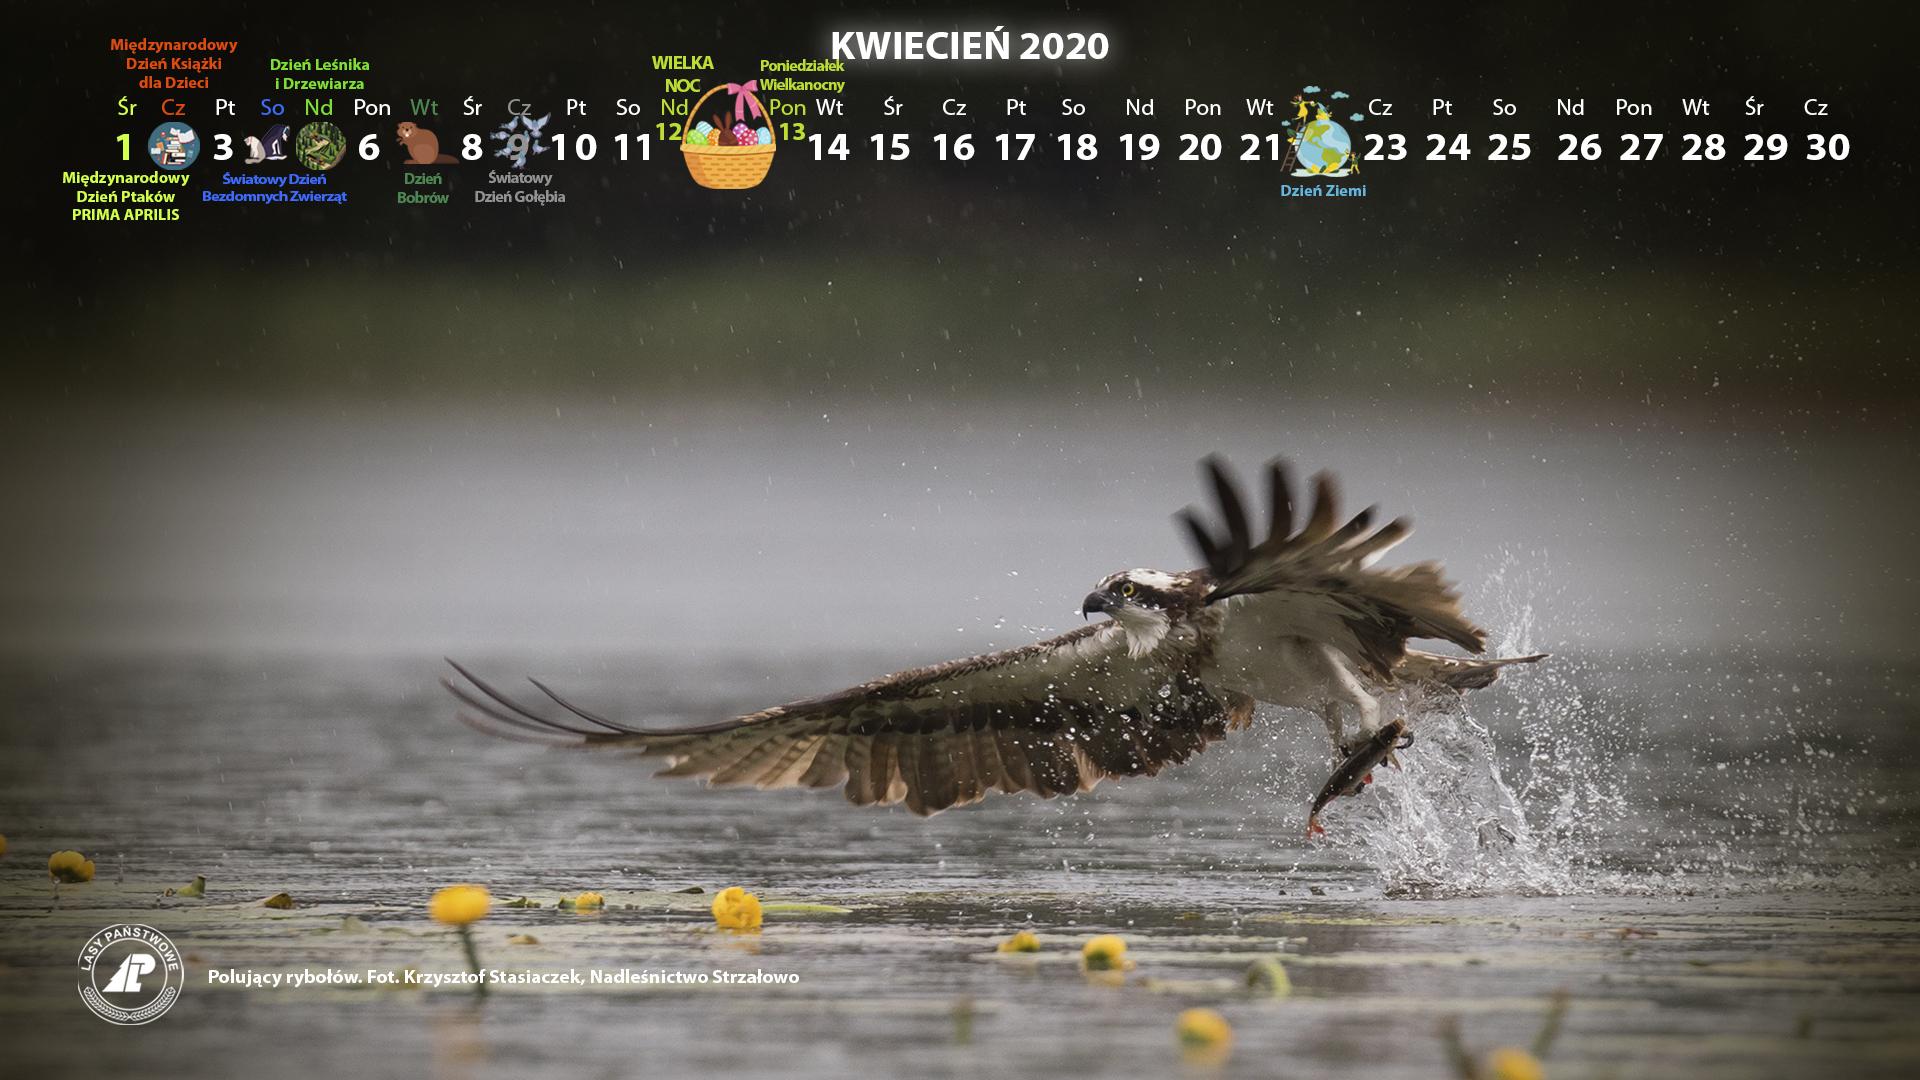 Kalendarz kwiecień 2019 1920x1080.jpg